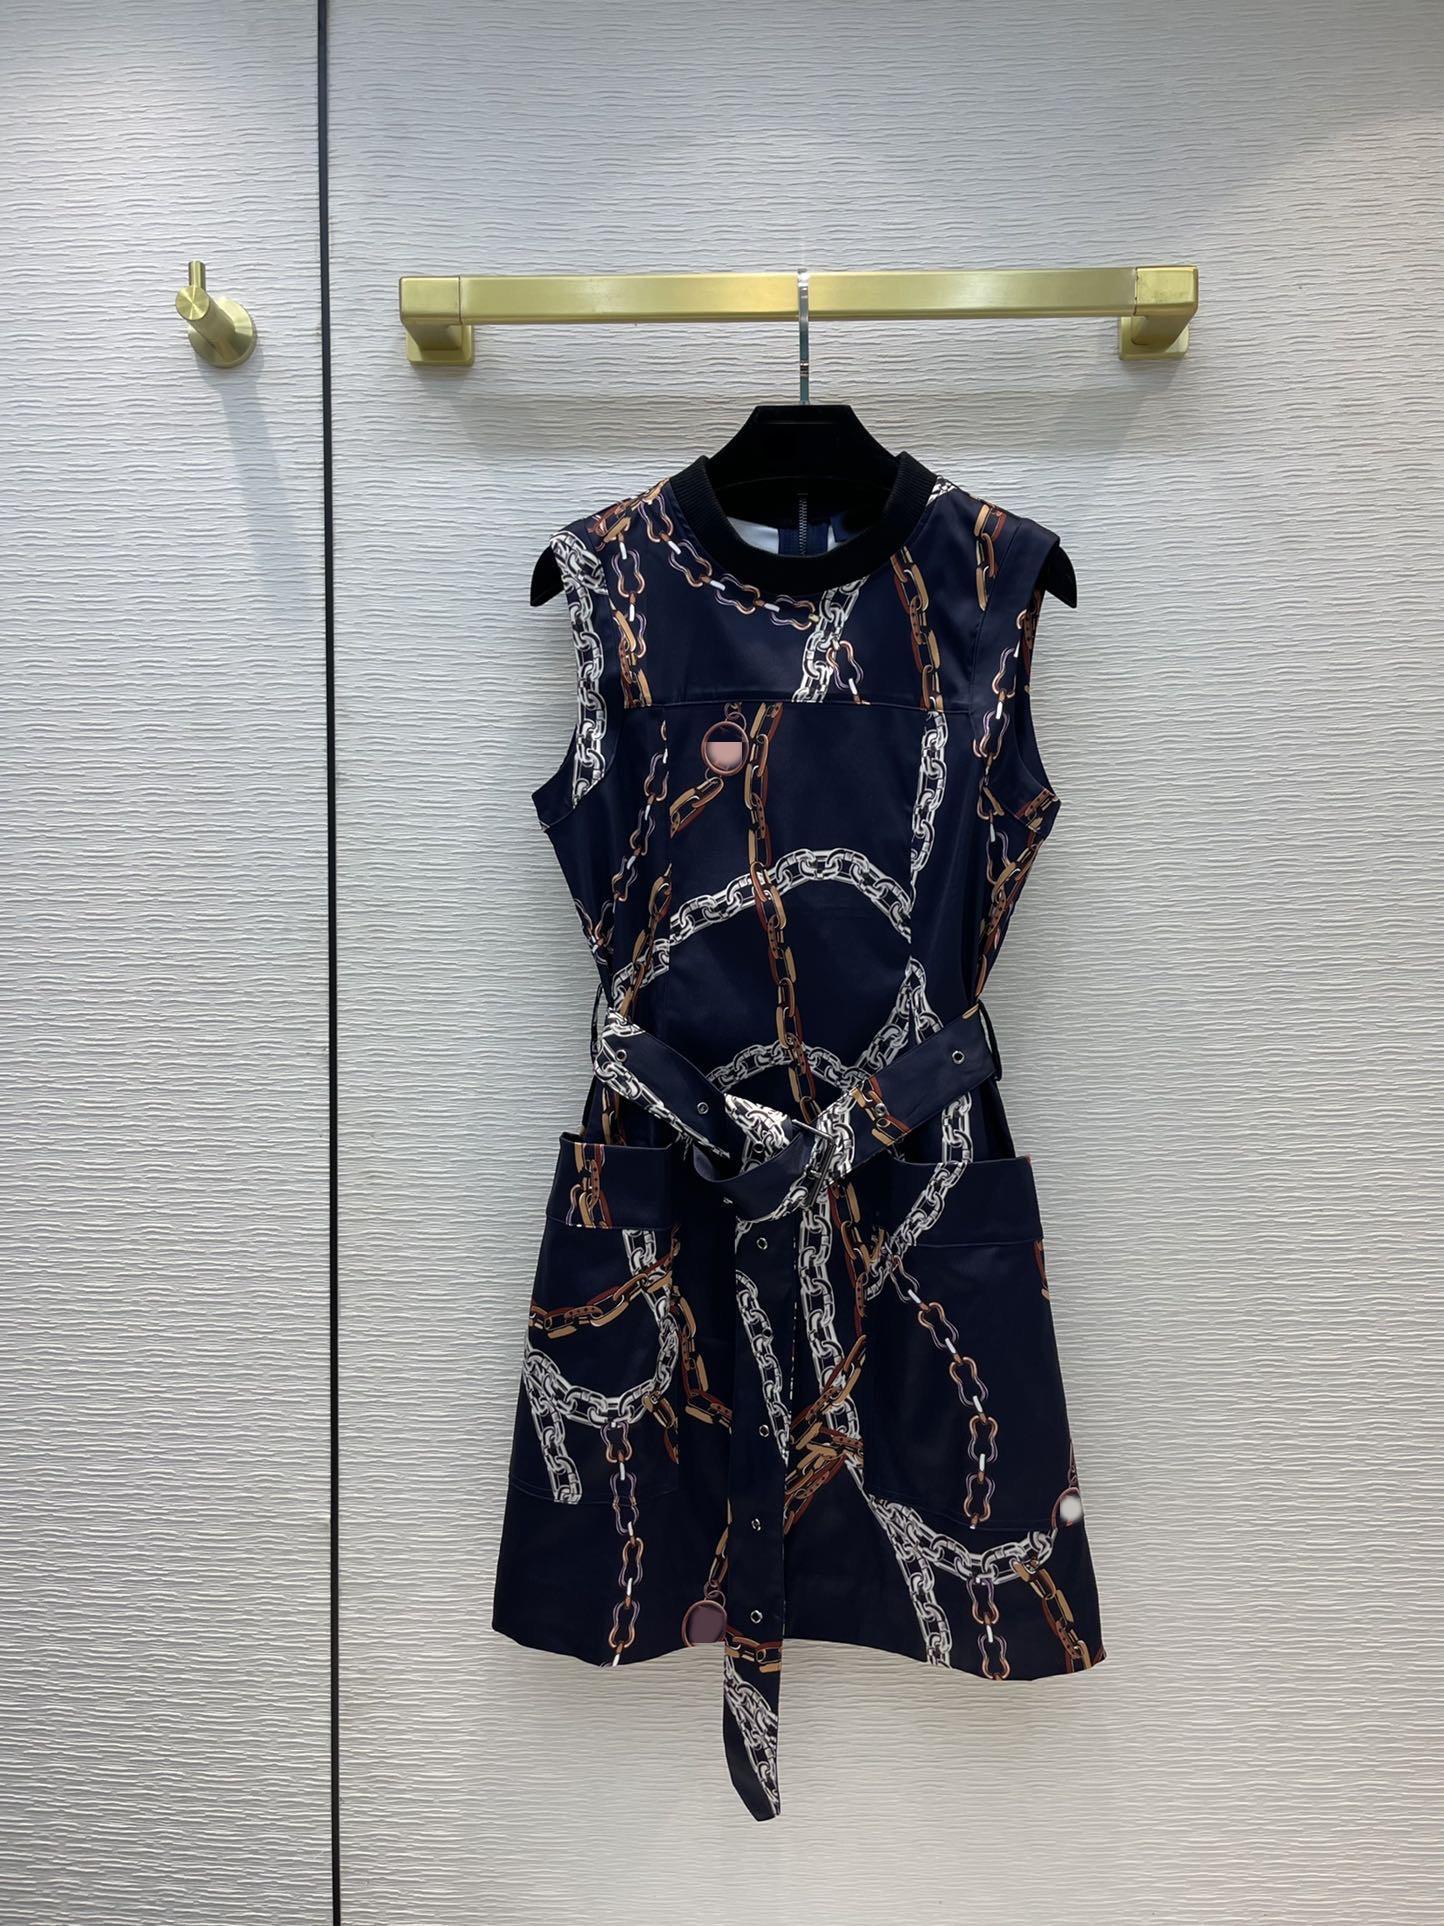 Milan Pist Elbiseler 2021 Yaz Sonbahar Kolsuz O Boyun Baskı Tasarımcısı Elbise Marka Aynı Stil Giyim 0624-10